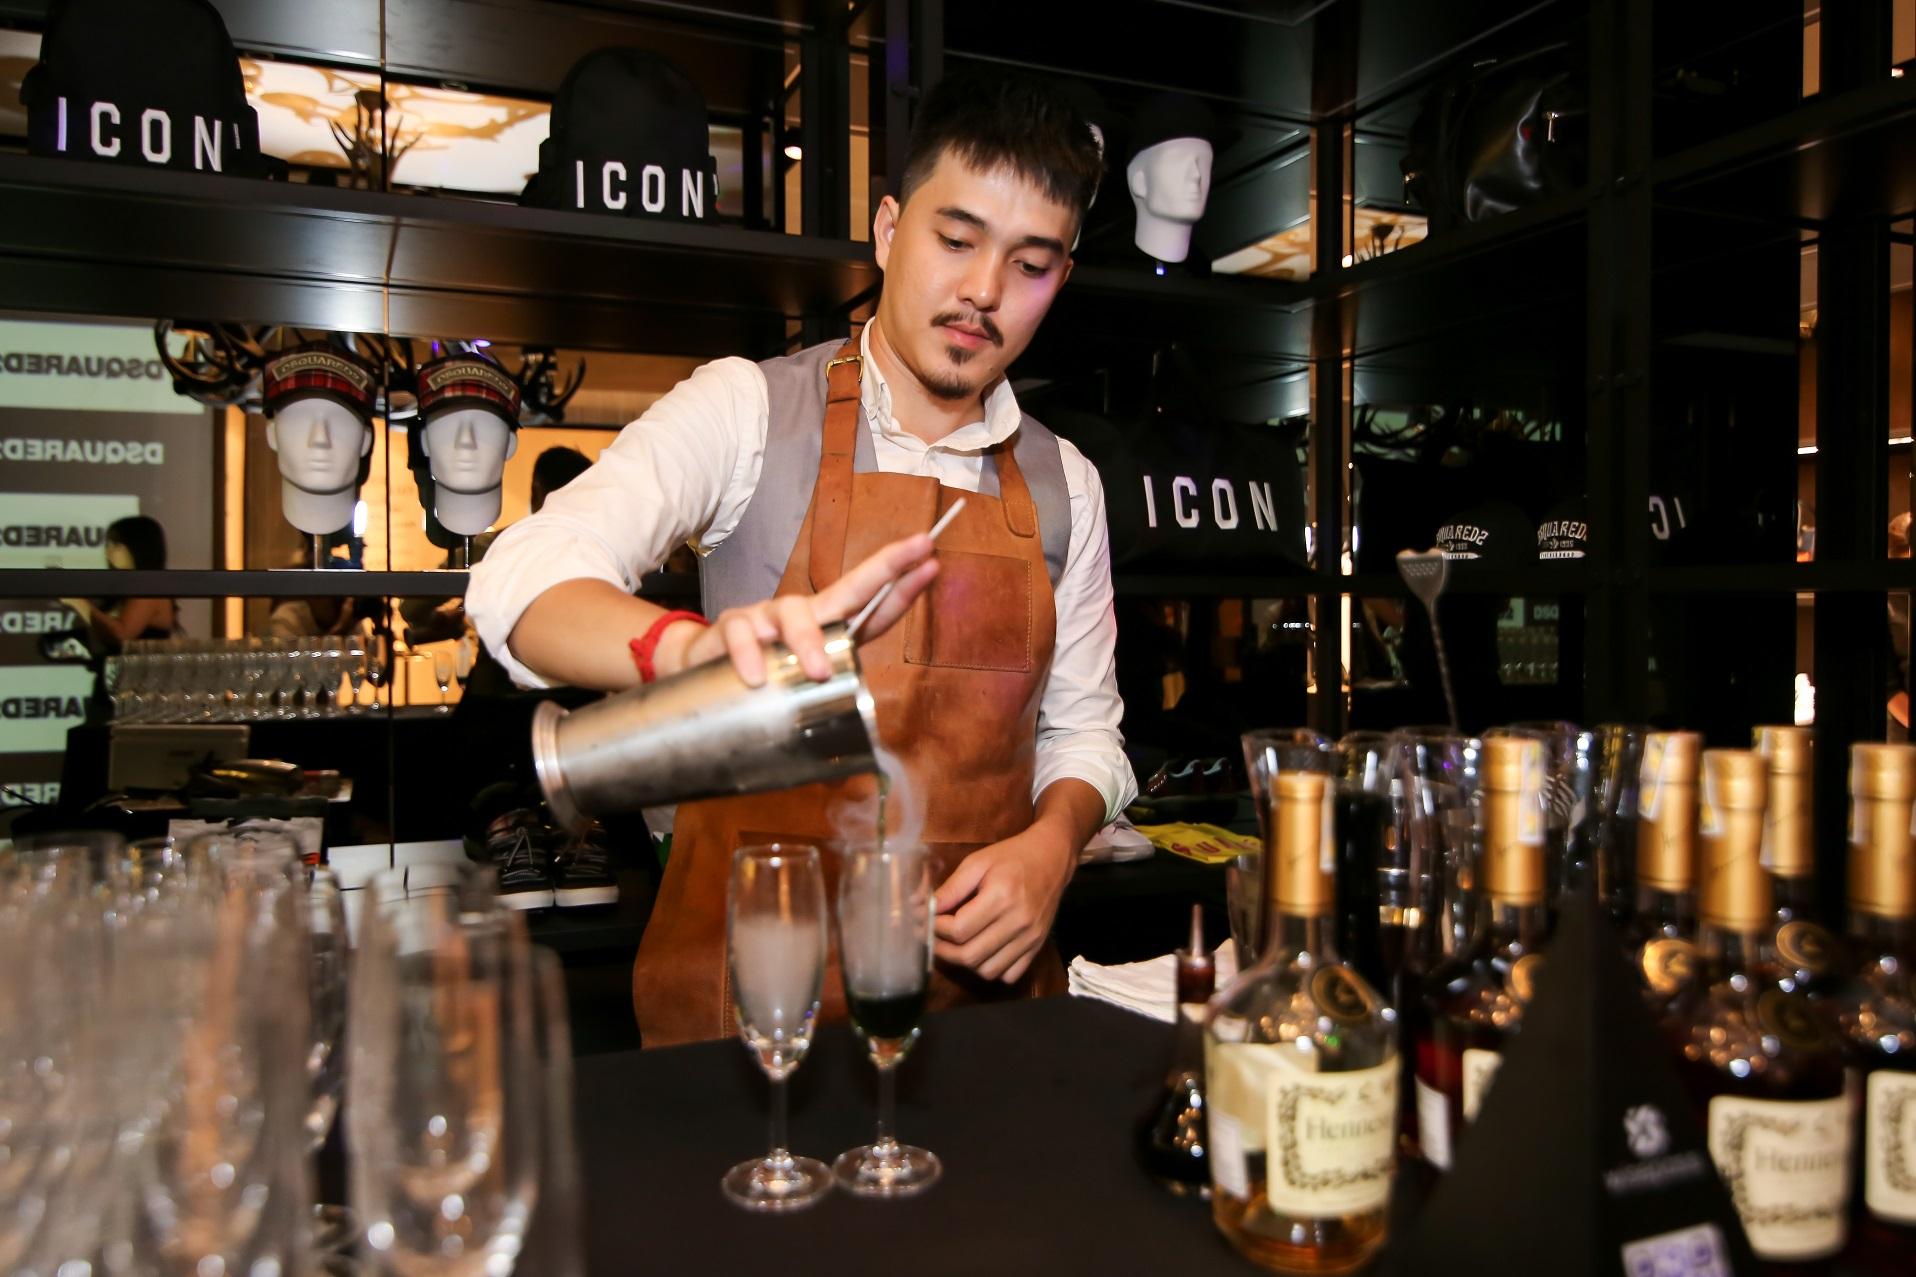 Bartender tại chuỗi nhà hàng Nhật Bản nổi tiếng Dương Tiến Đức với những màn pha chế đẹp mắt.